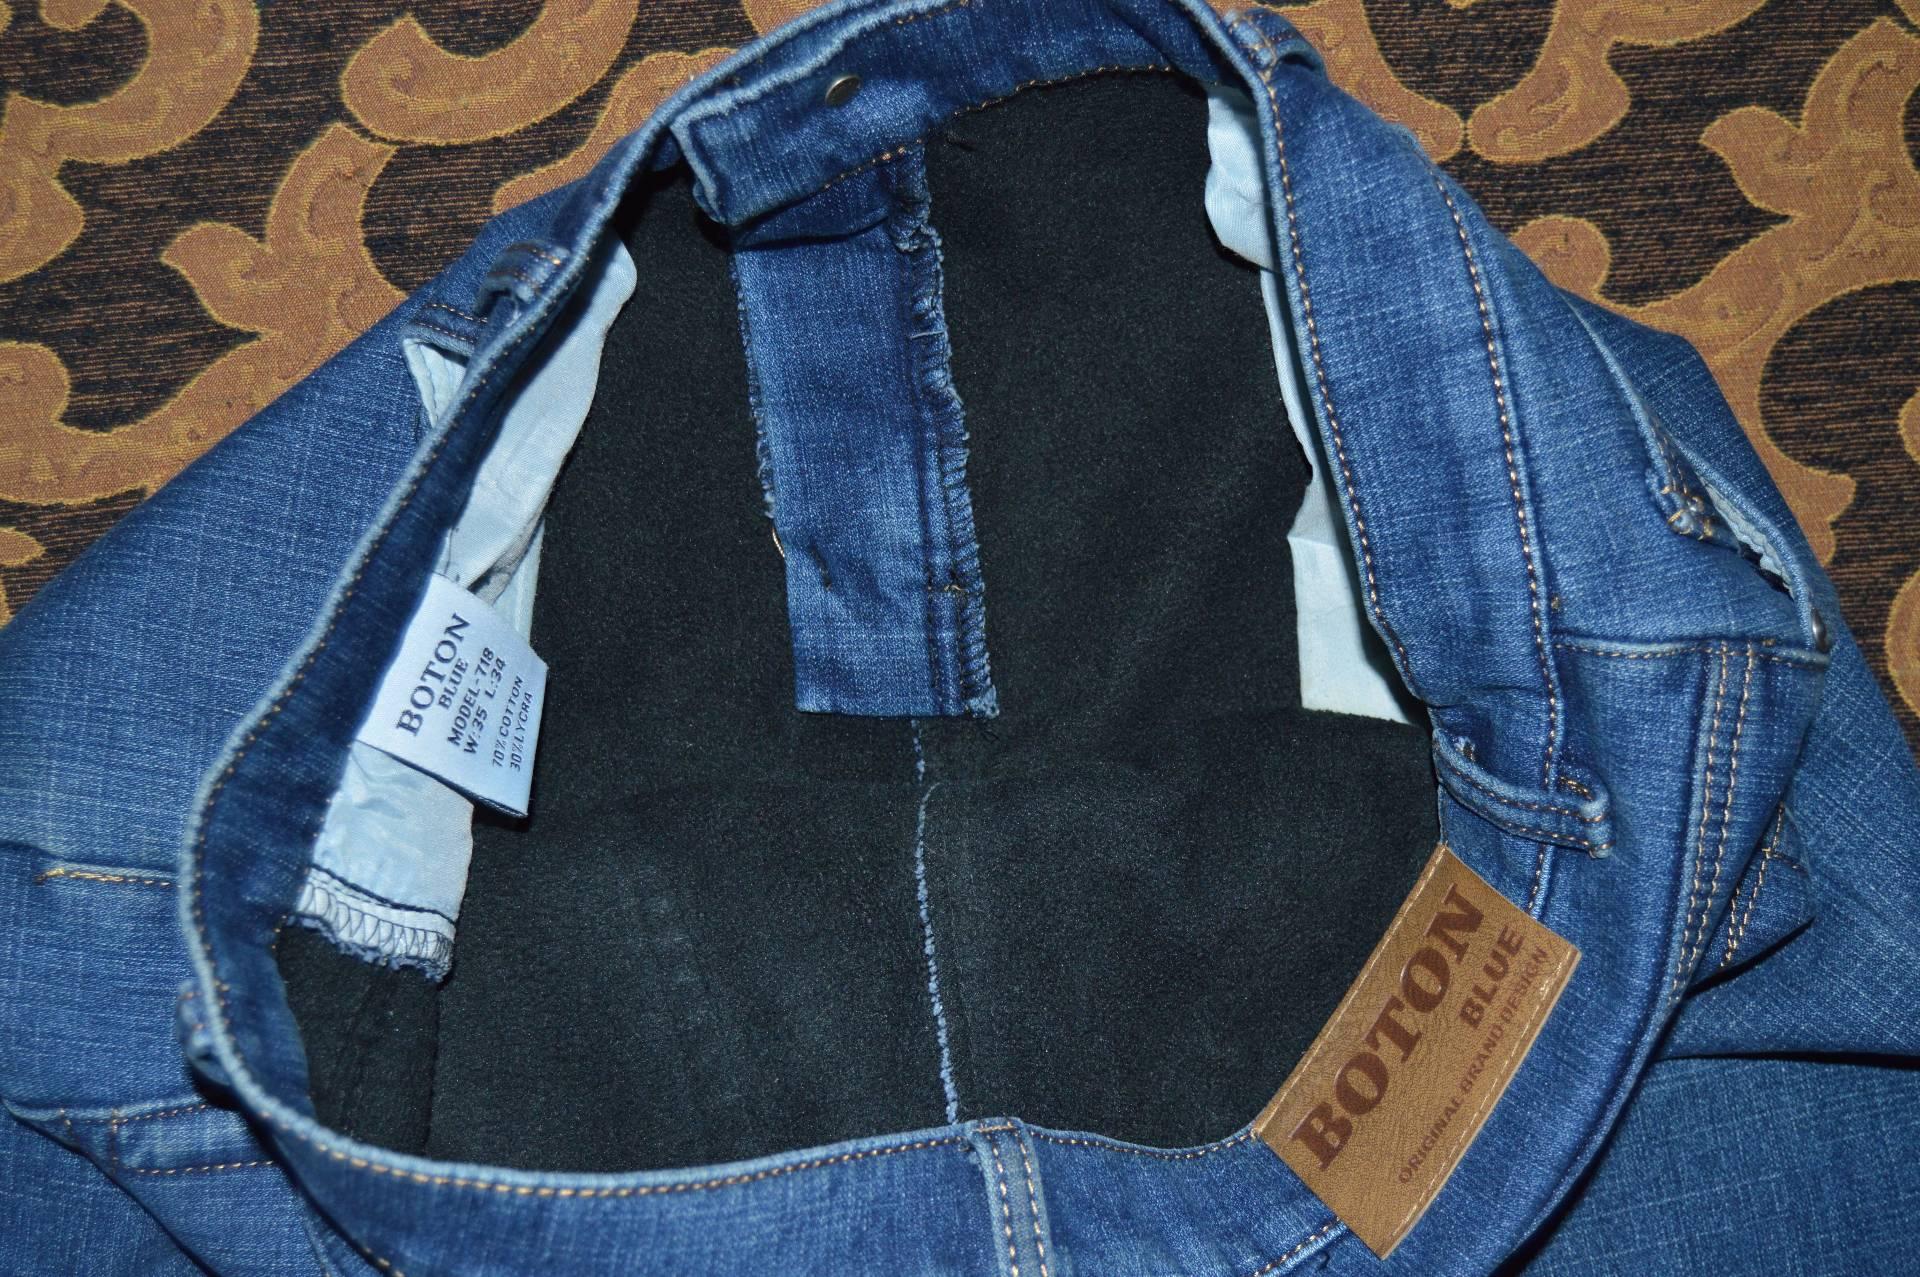 b4868184808 В каких интернет-магазинах можно приобрести утепленные зимние женские джинсы   Про одежду - популярный интернет-журнал